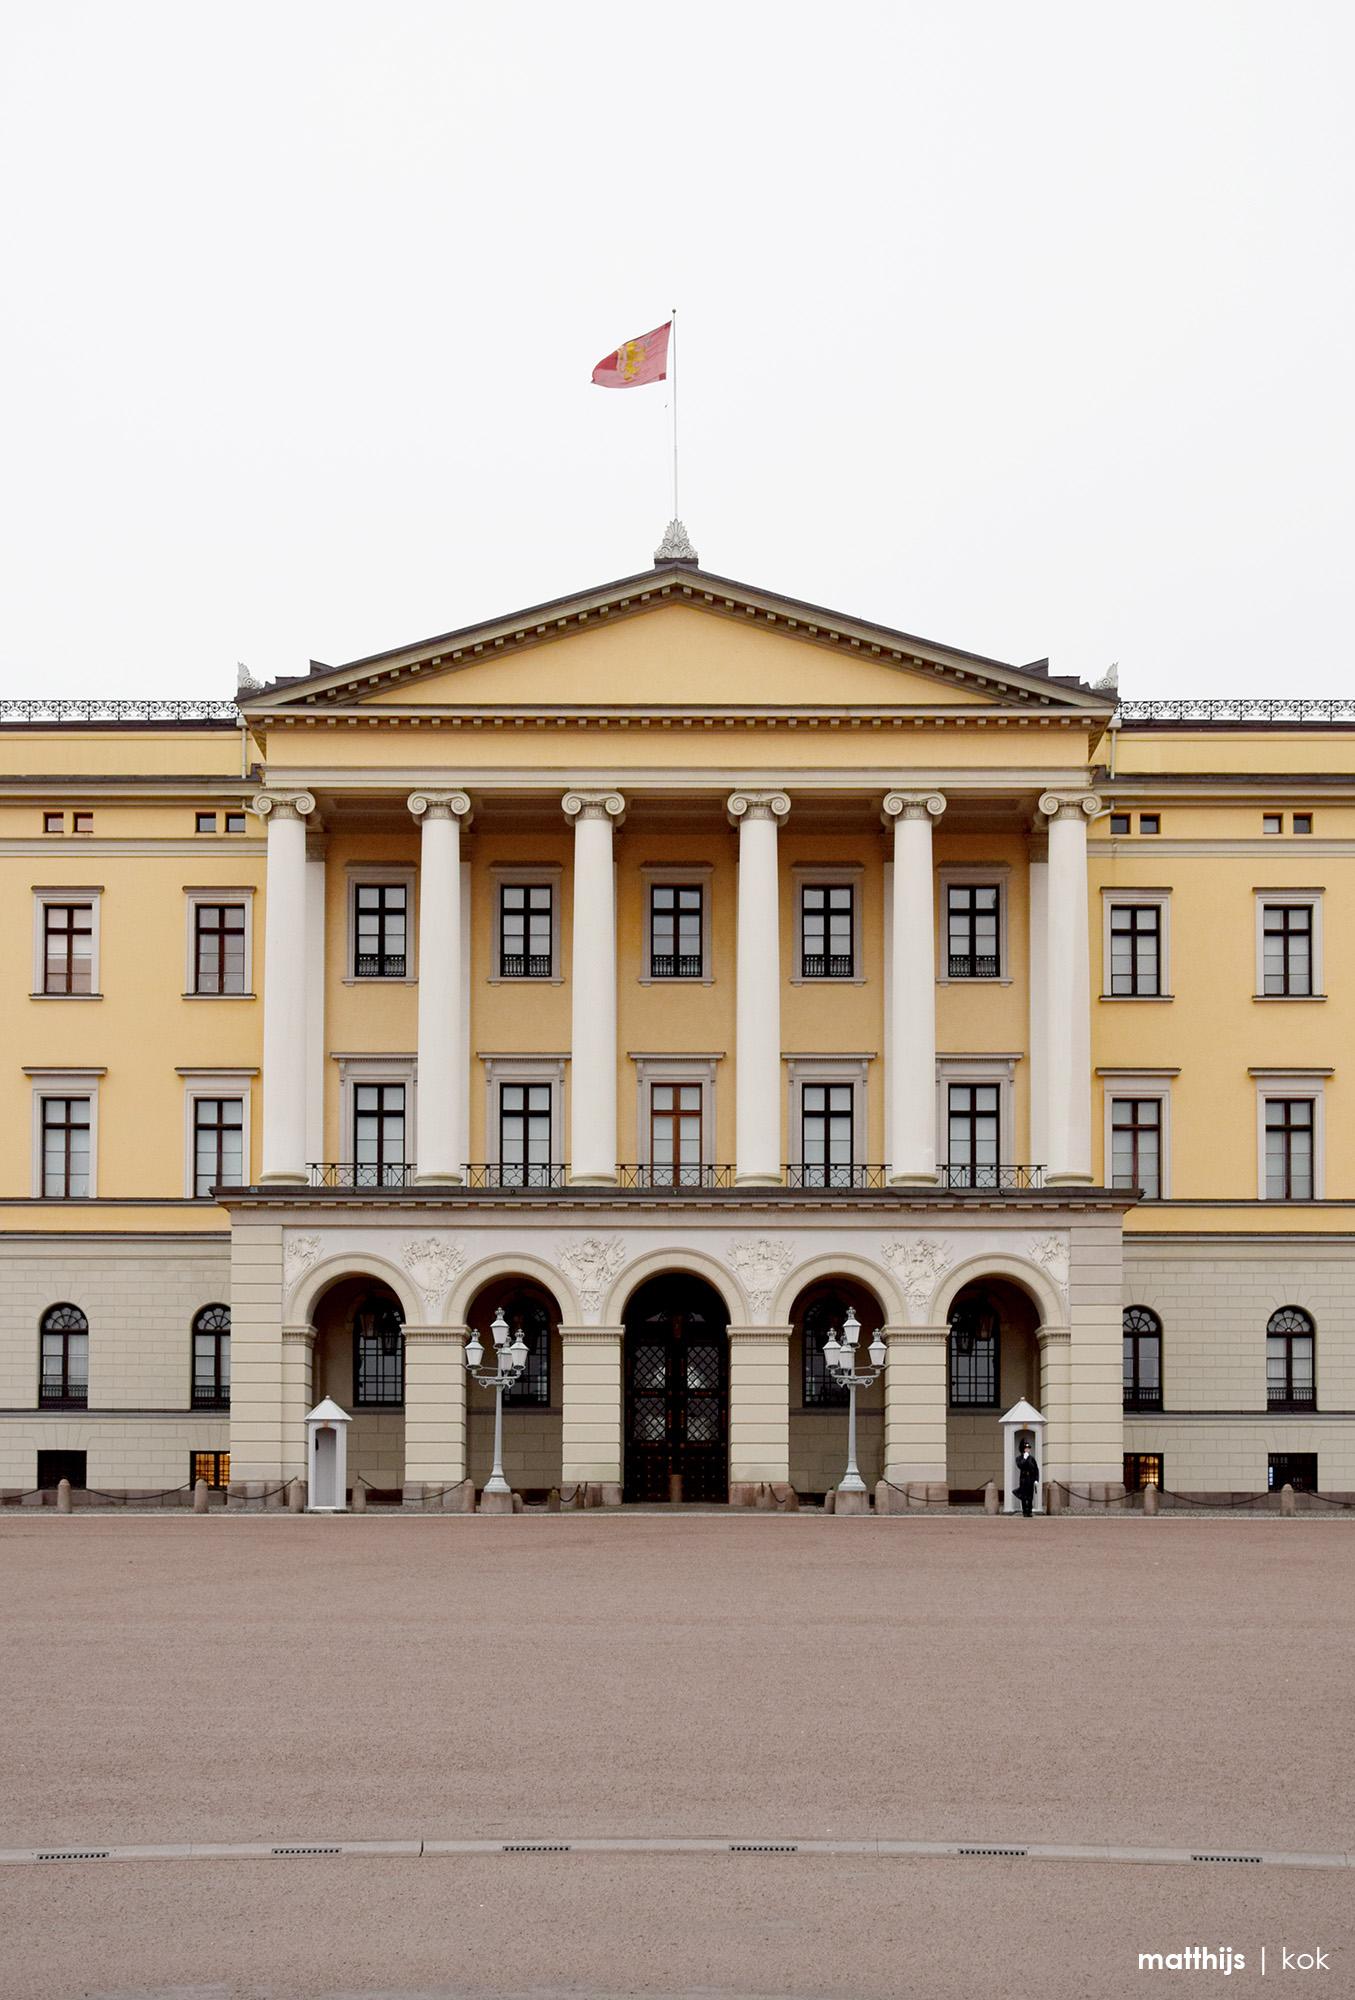 Royal Palace, Oslo, Norway | Photo by Matthijs Kok